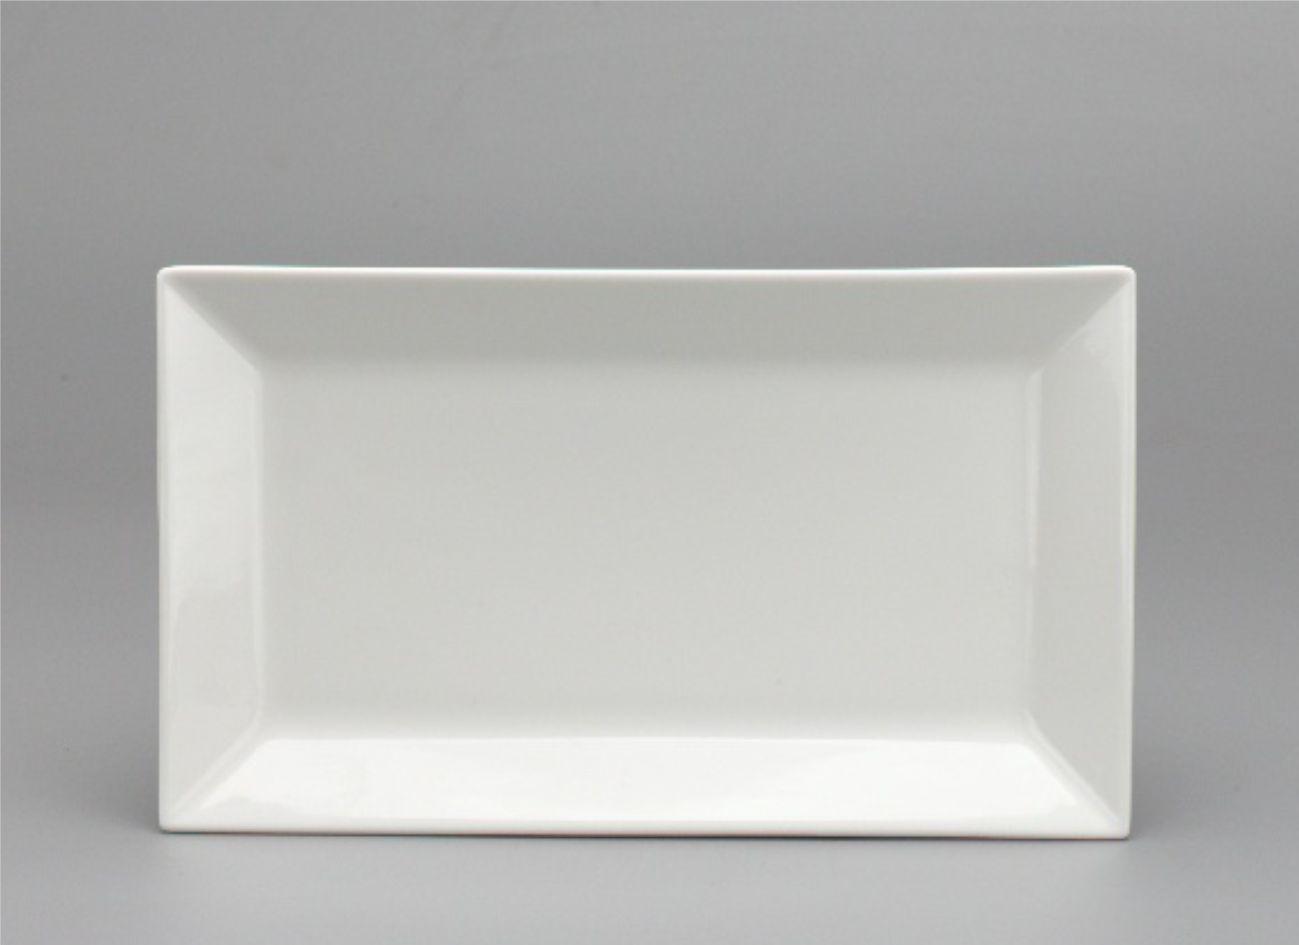 Dĩa chữ nhật lá 33 x 18cm Daisy Lys Trắng Ngà 463304000